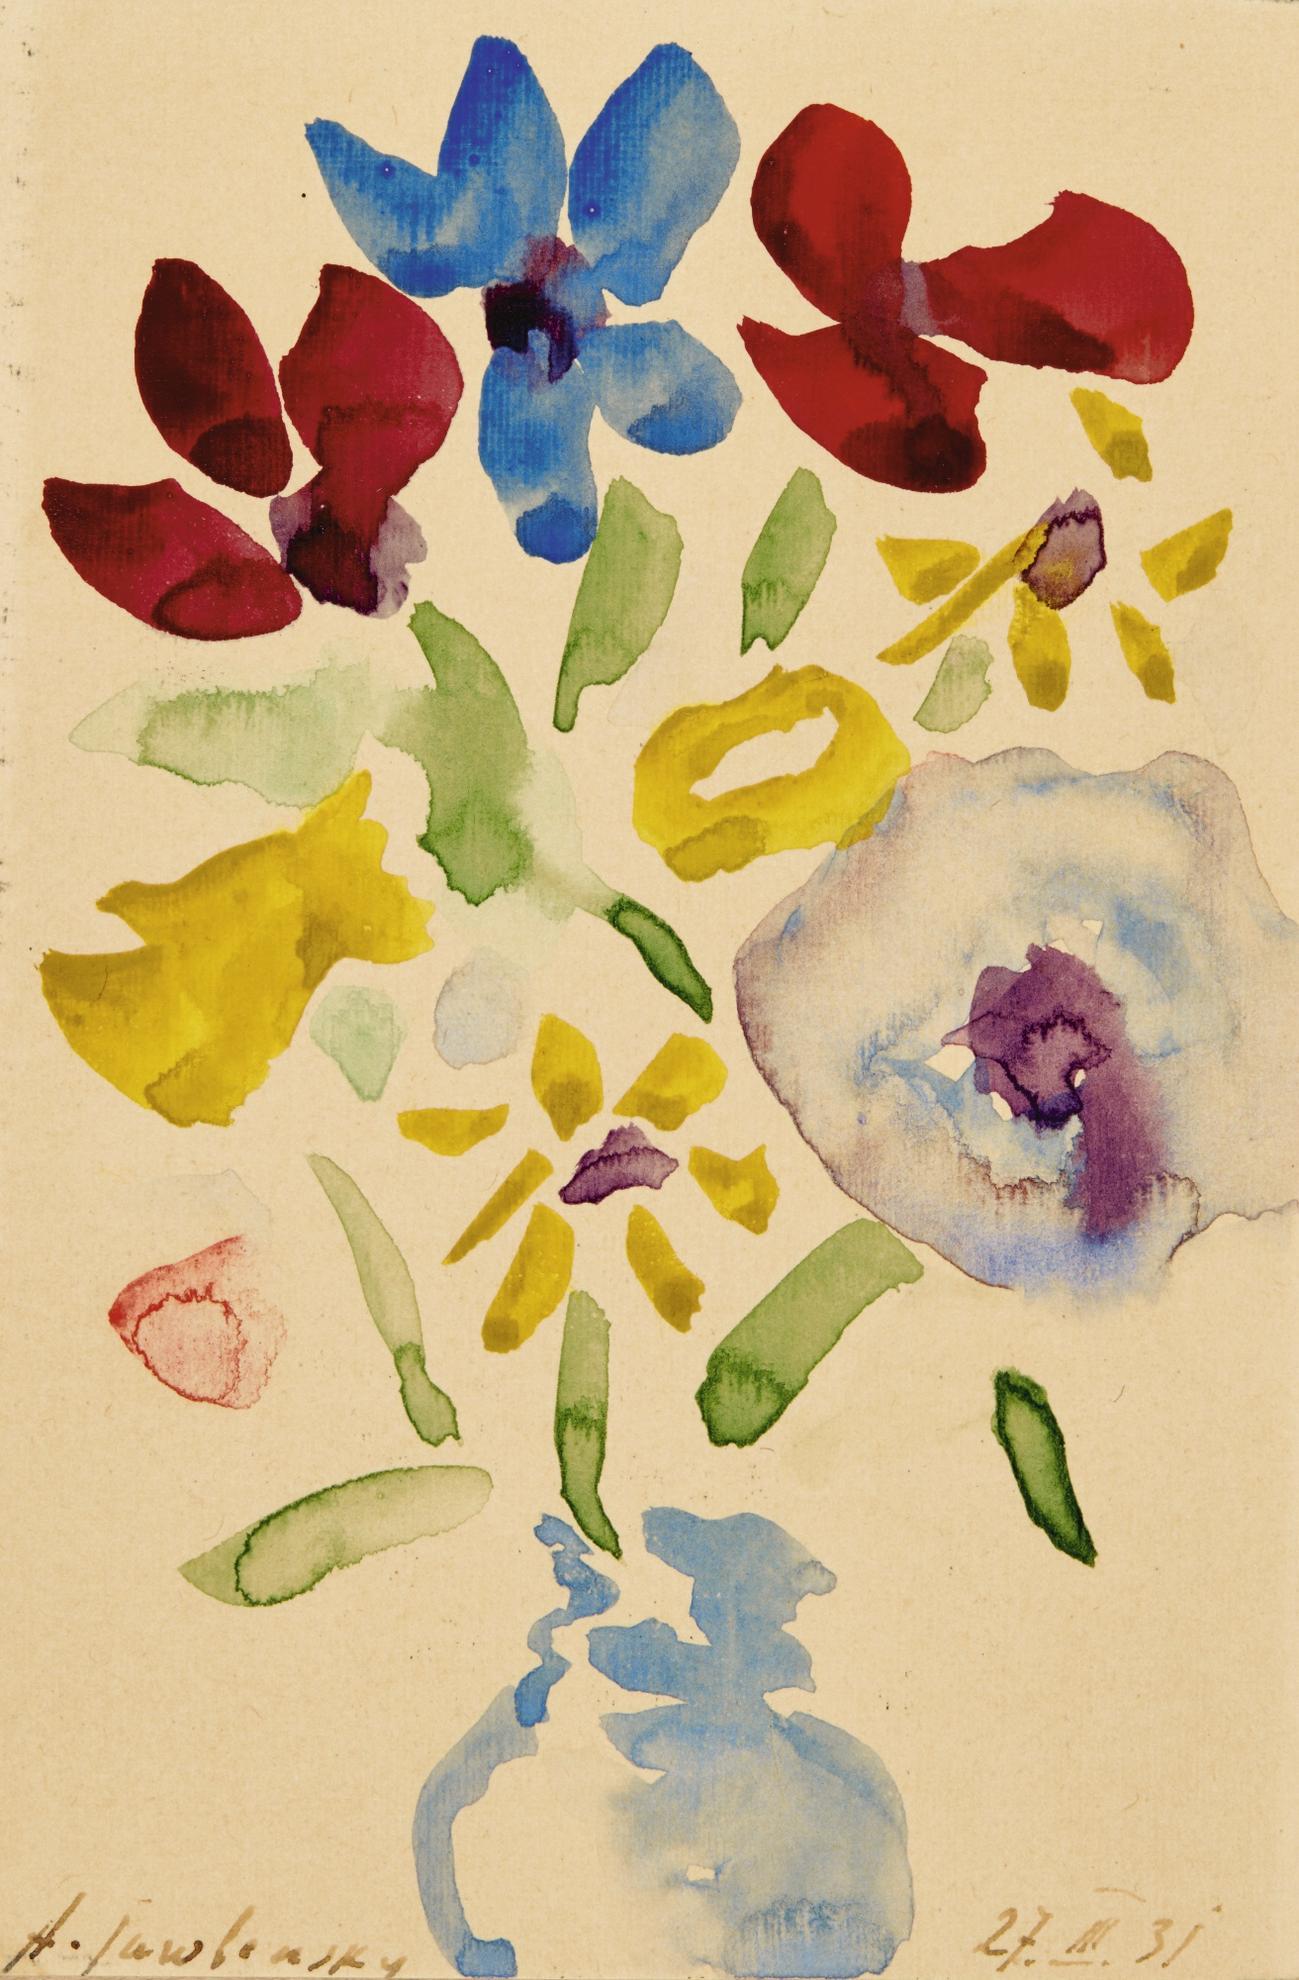 Alexej von Jawlensky-Blumen In Blauer Vase (Flowers In Blue Vase)-1931